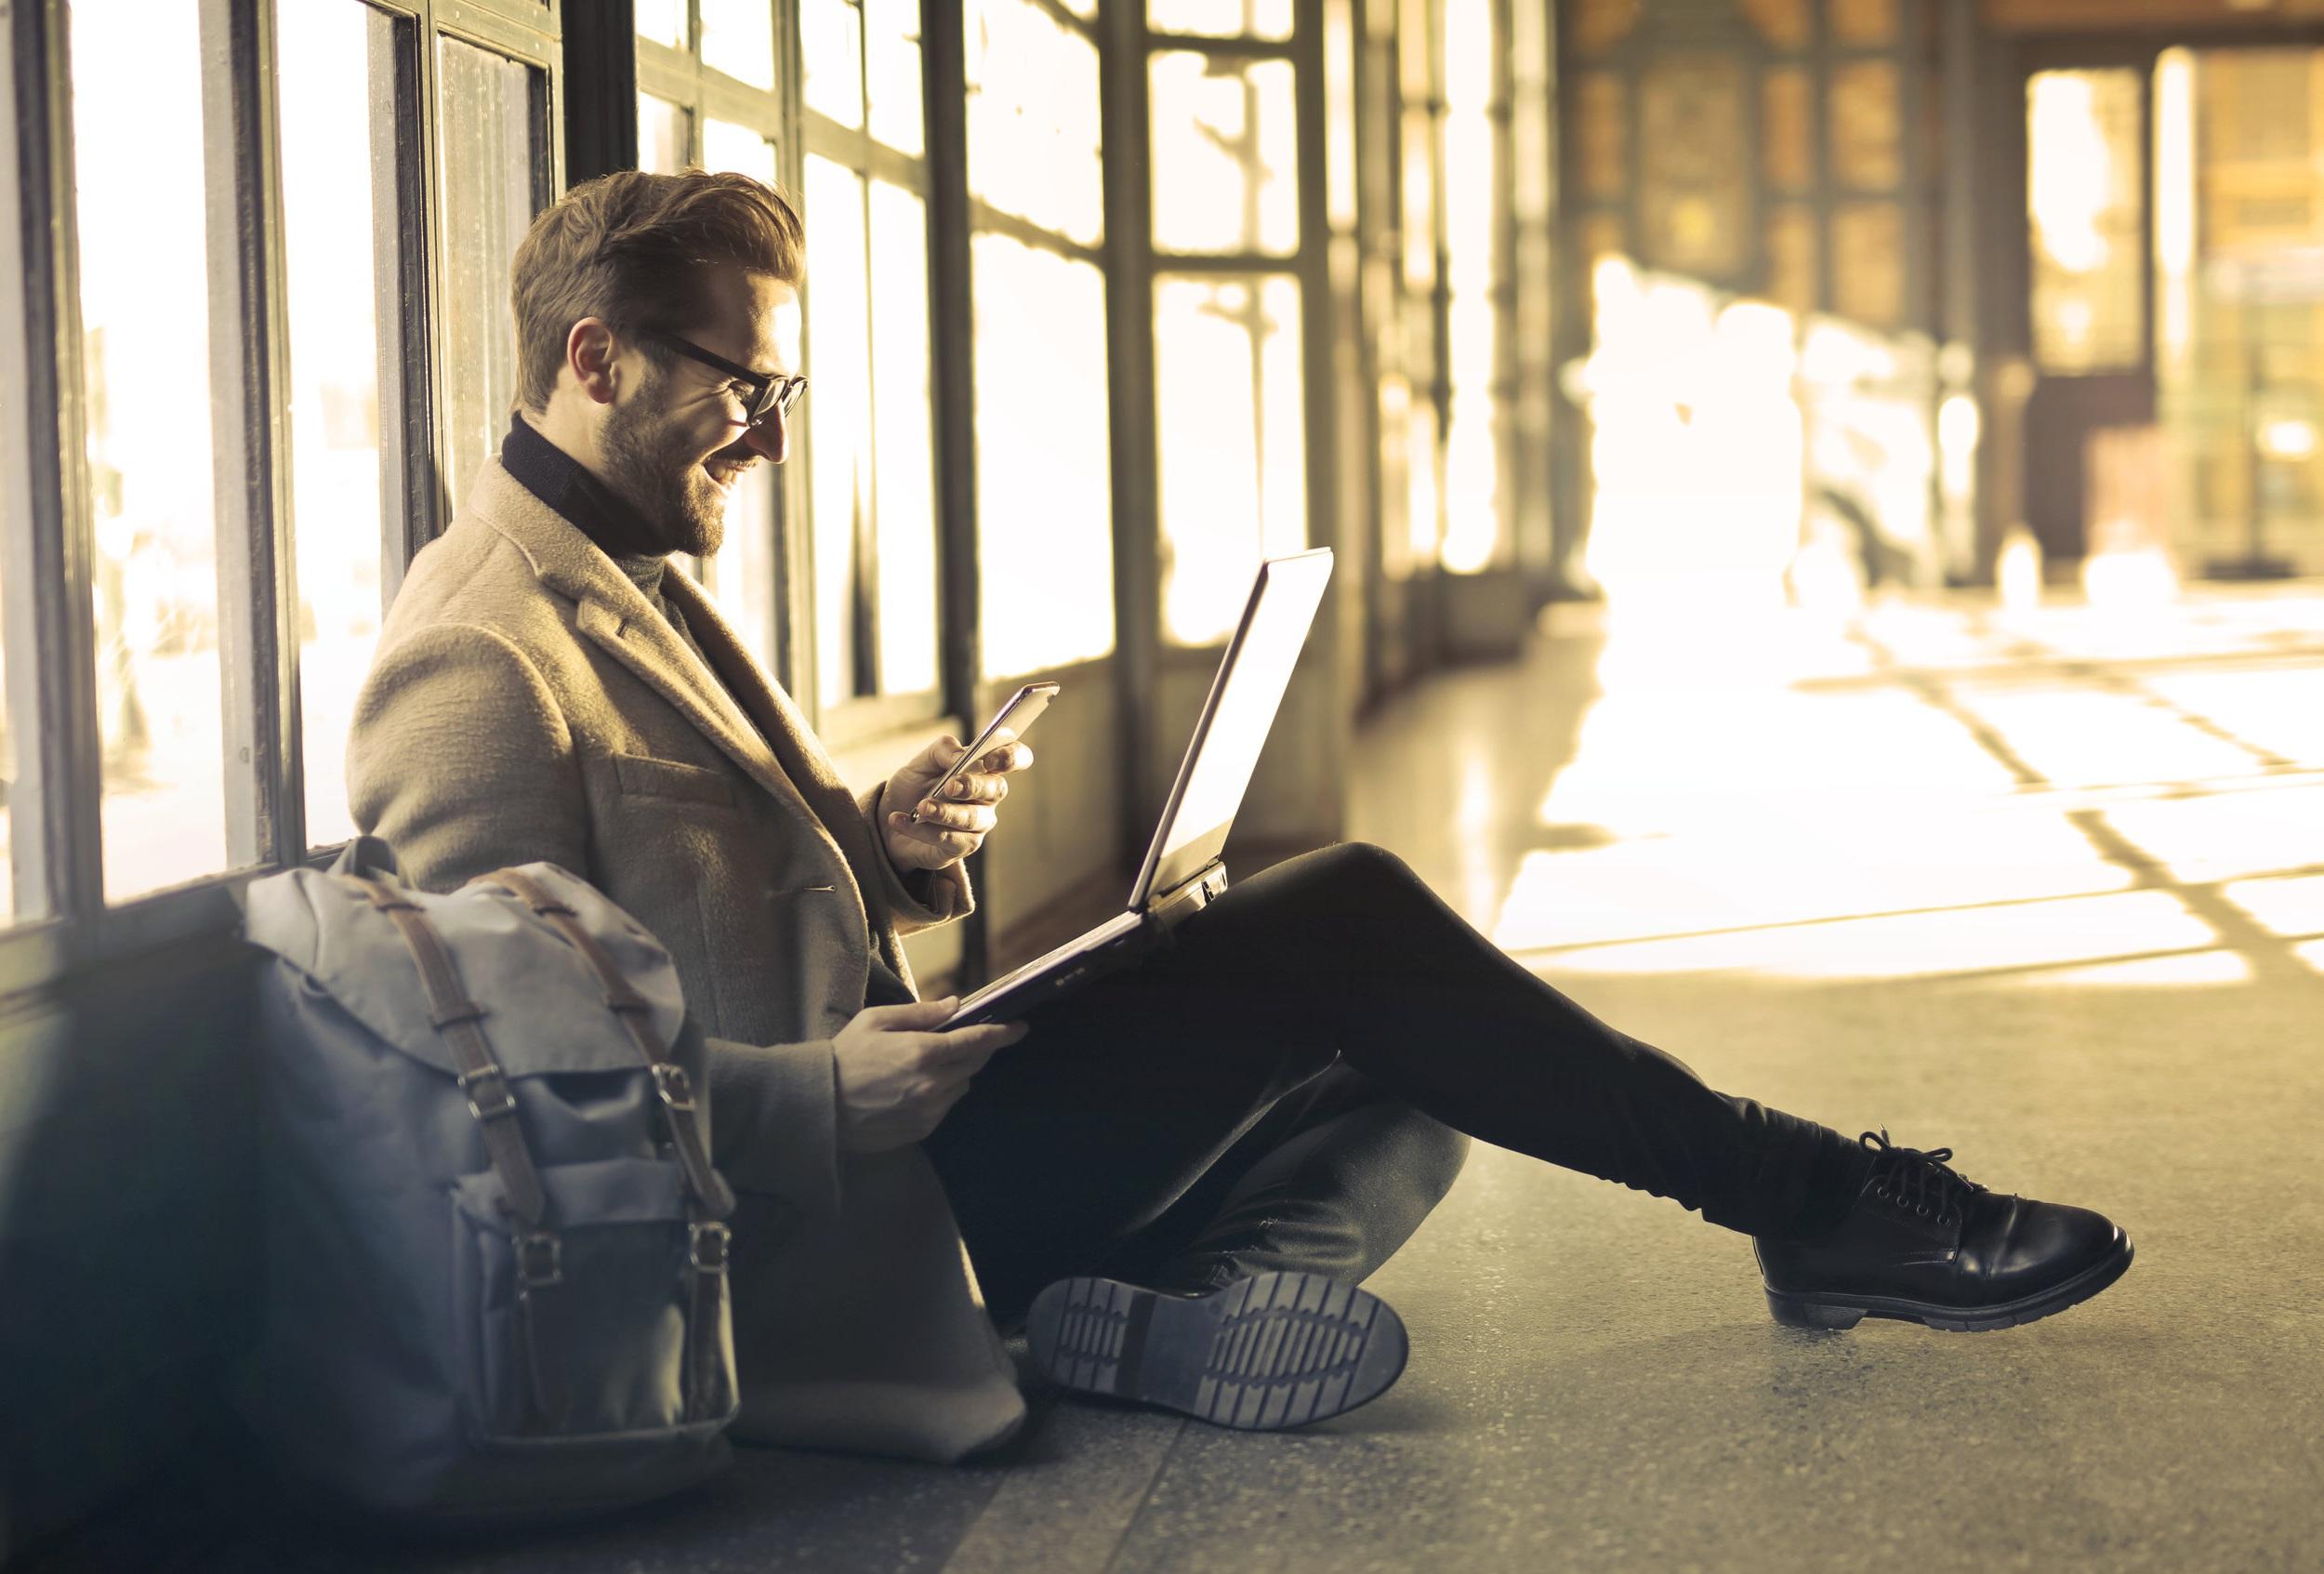 ¿Pórque irse con nosotros? - Somos Distribuidores Asociados de la marca líder de software empresarial CONTPAQi®, lo que nos acredita para la venta a distribuidores, empresas y público empresarial.